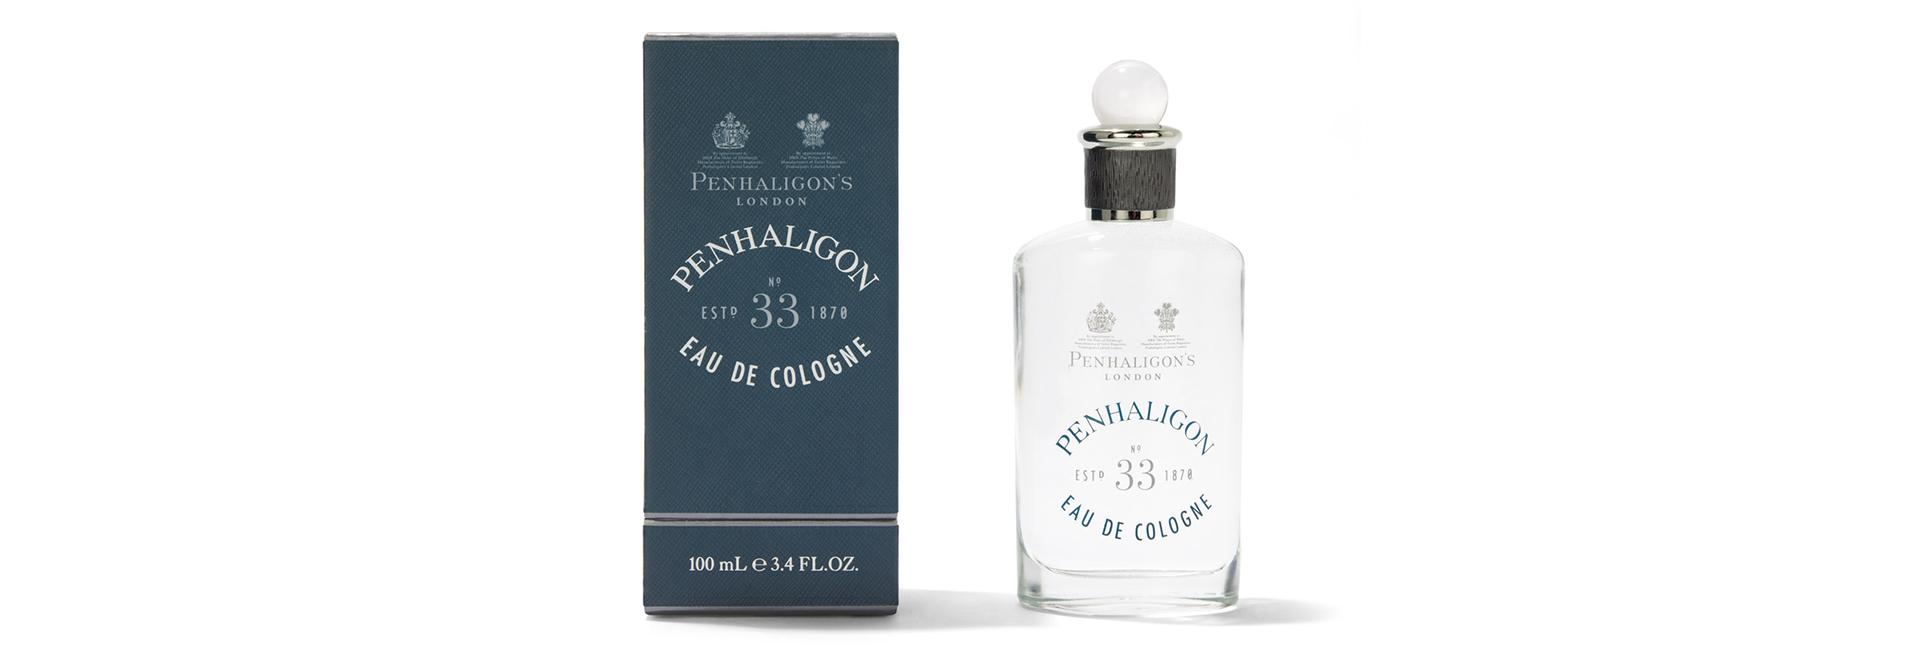 penhaligons-33-eau-de-cologne-blog-beaute-soin-parfum-homme